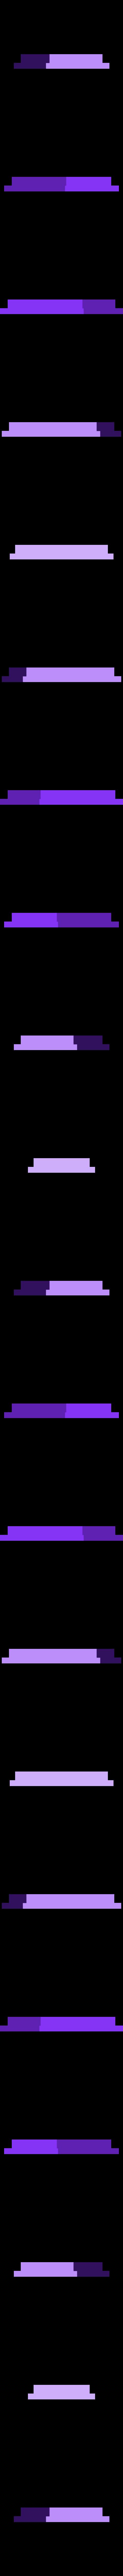 Assembly_House_2_-_Part_1_1_Small_Windows_5ea.stl Télécharger fichier STL gratuit Petit maison en jouet • Design à imprimer en 3D, crprinting